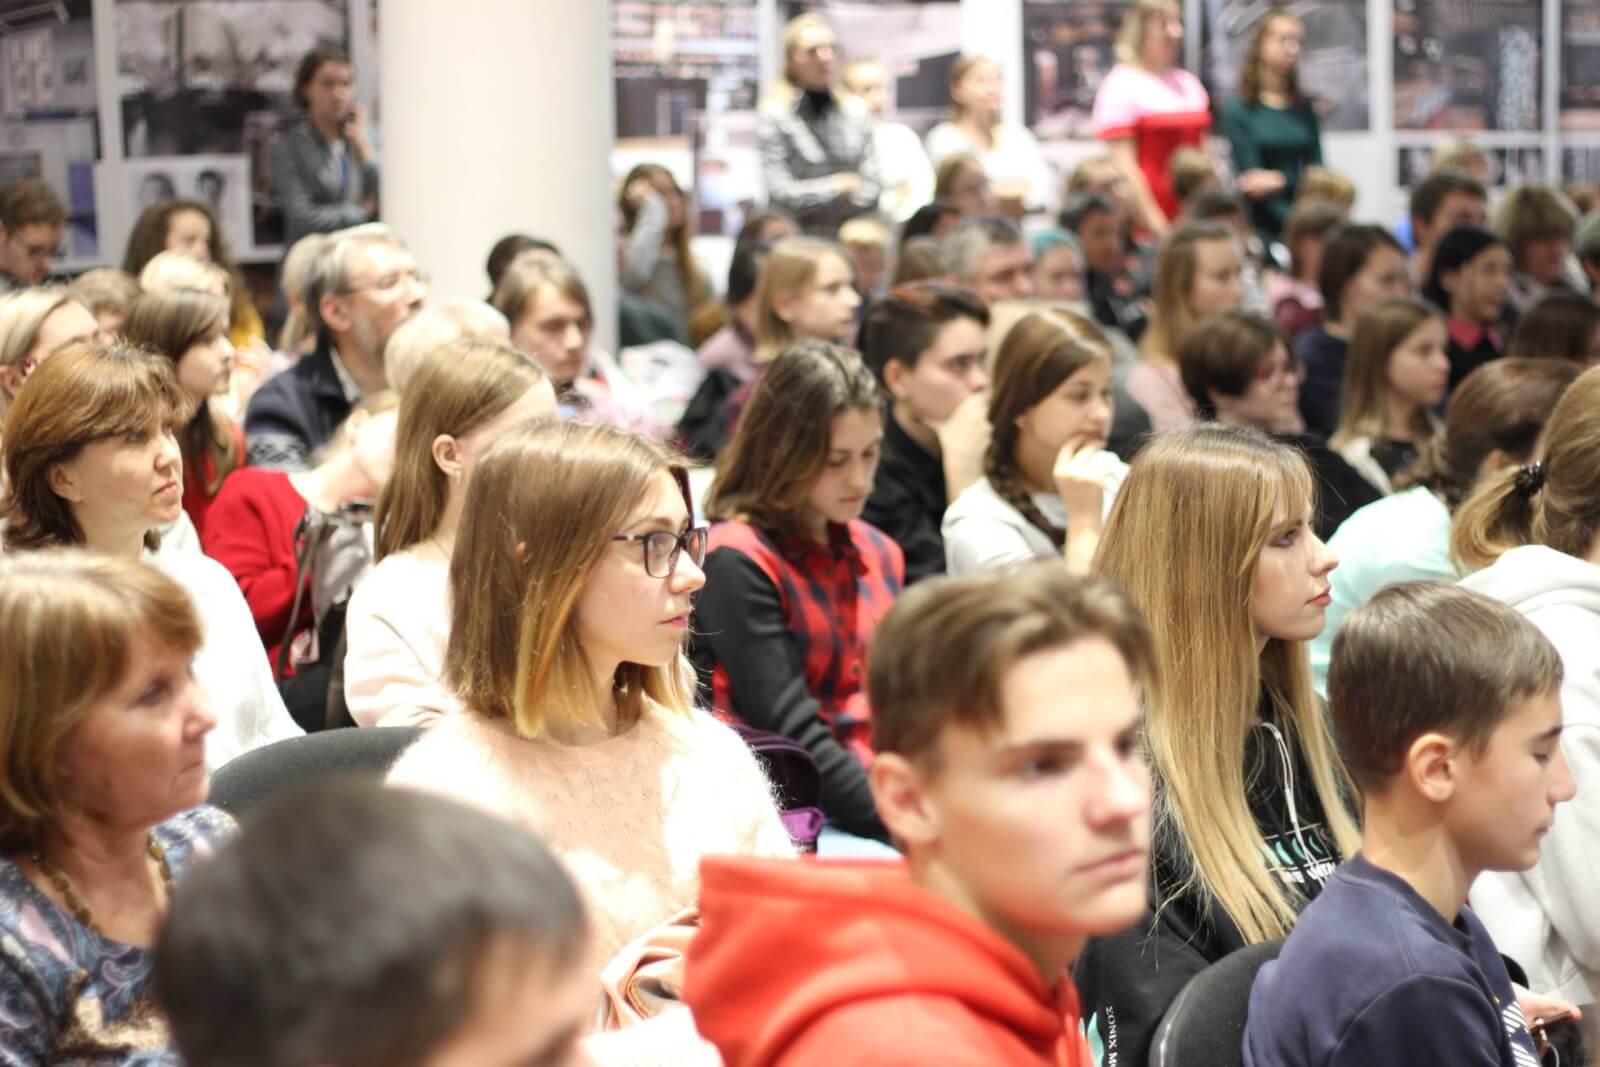 Сценарий дня открытых дверей в колледже: все советы по организации